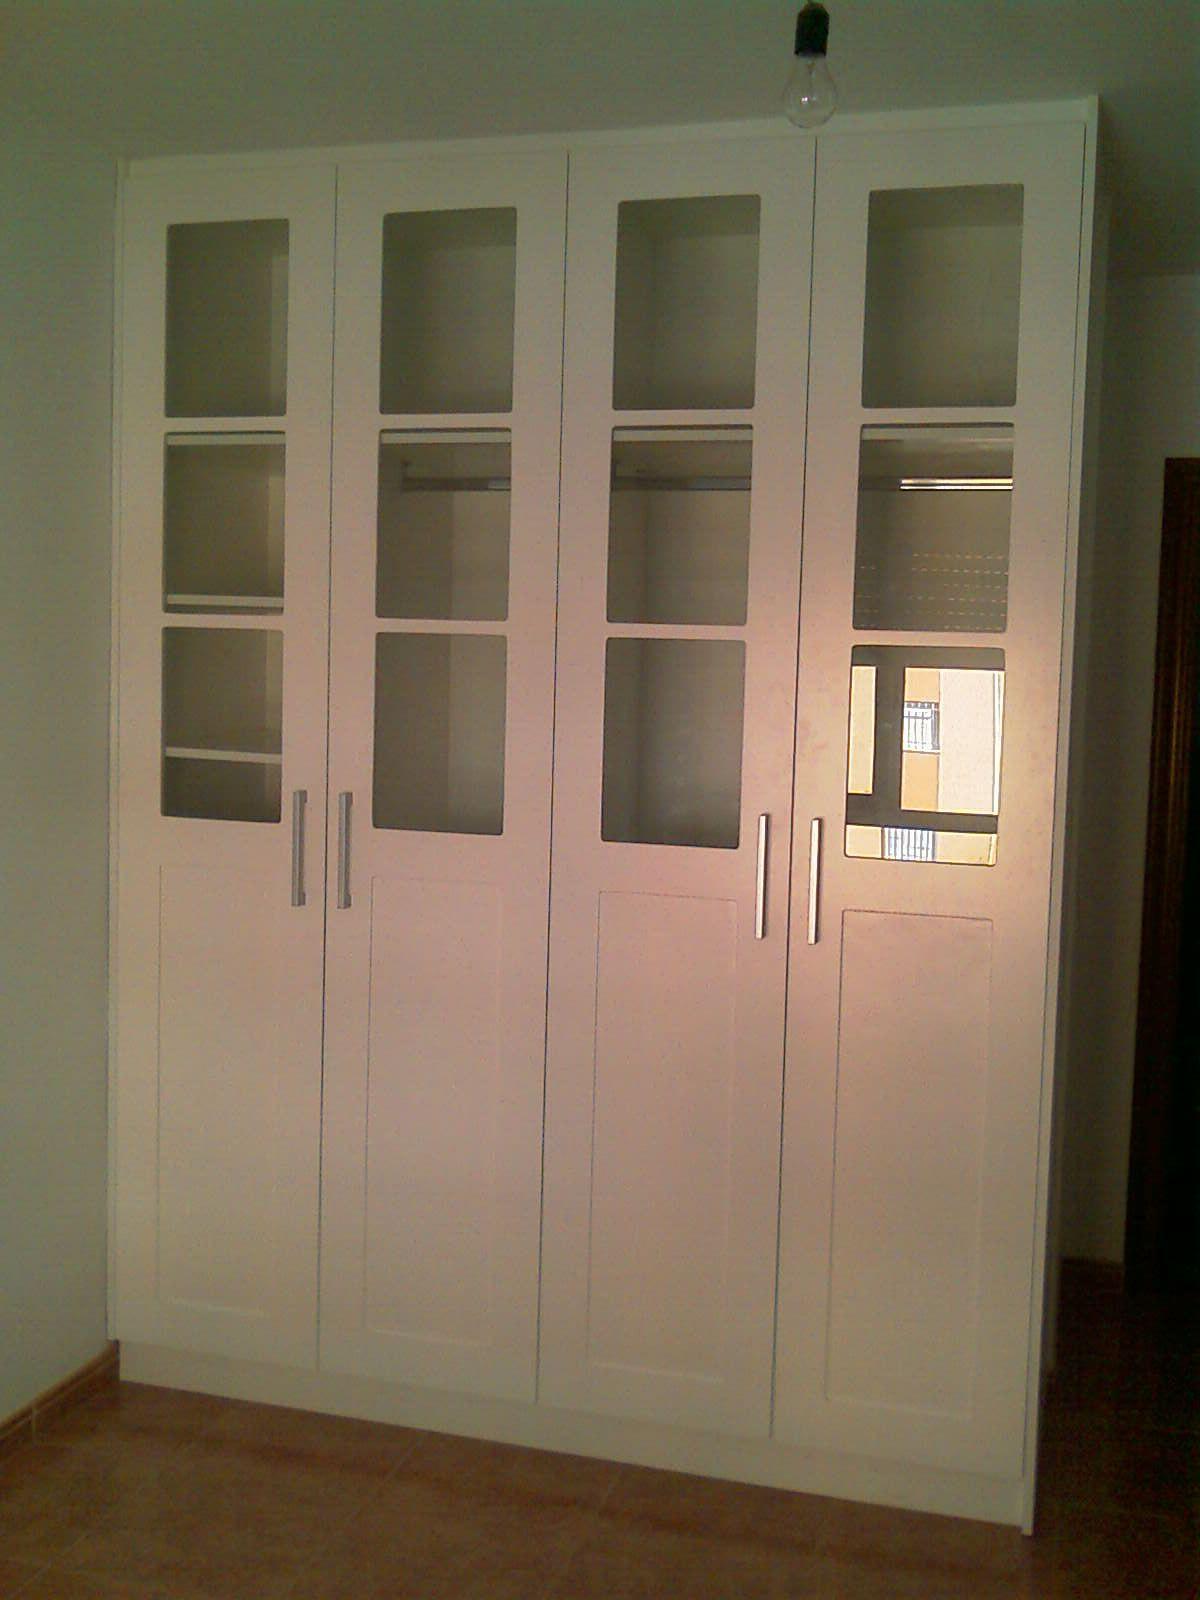 Armario puertas abatibles lacado en blanco en 2019 - Puertas armario abatibles ...